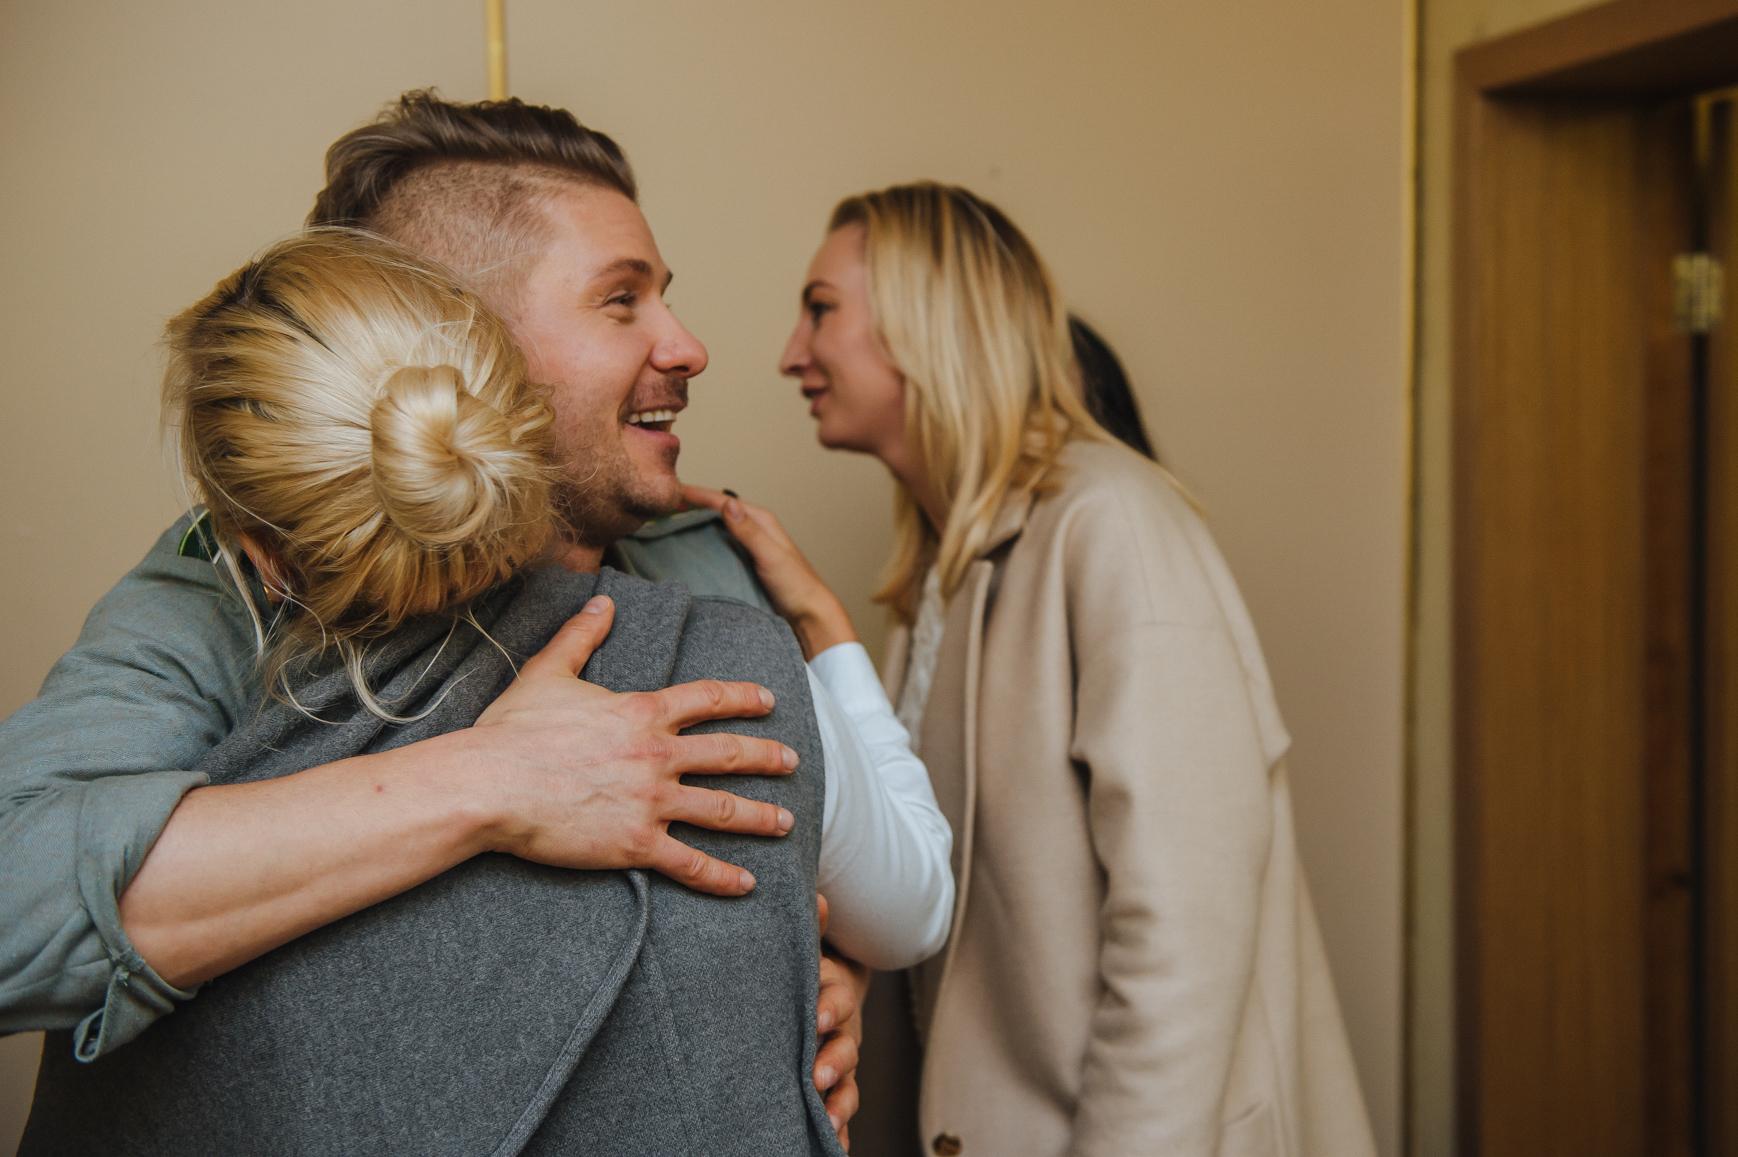 Катя Гордон и Митя Фомин собираются пожениться - Woman s Day 17